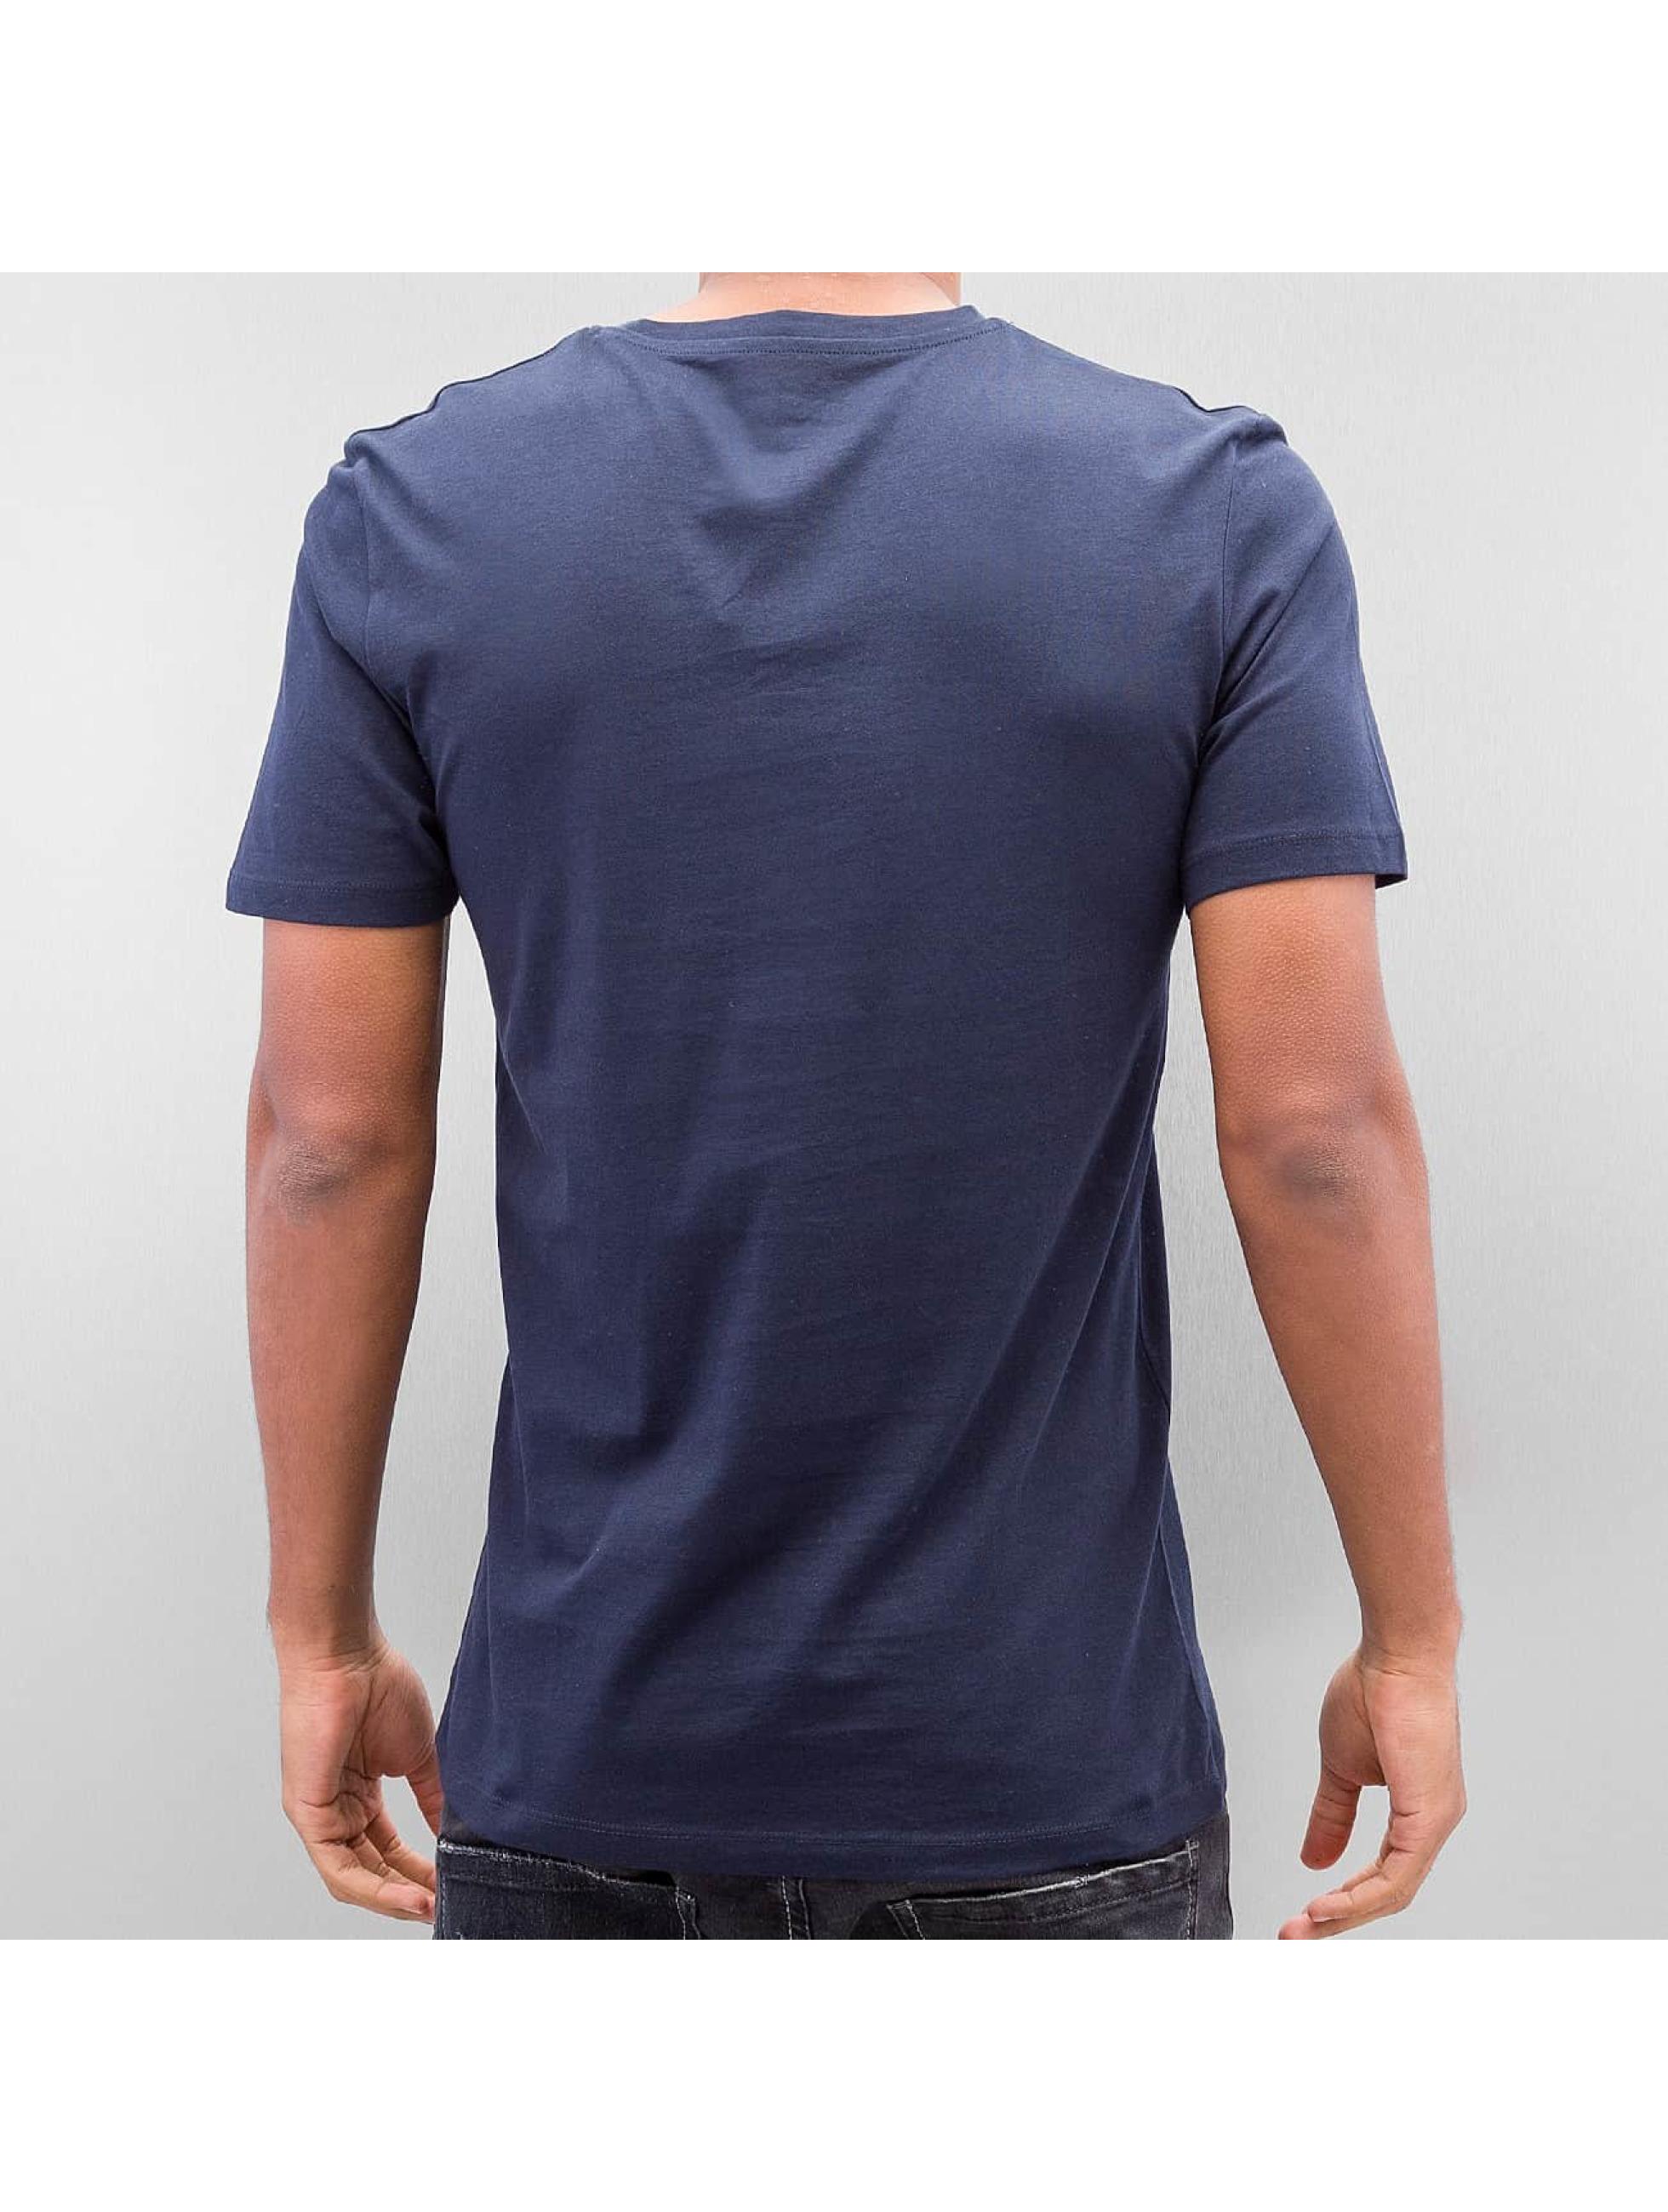 Jack & Jones t-shirt Jorsedret blauw